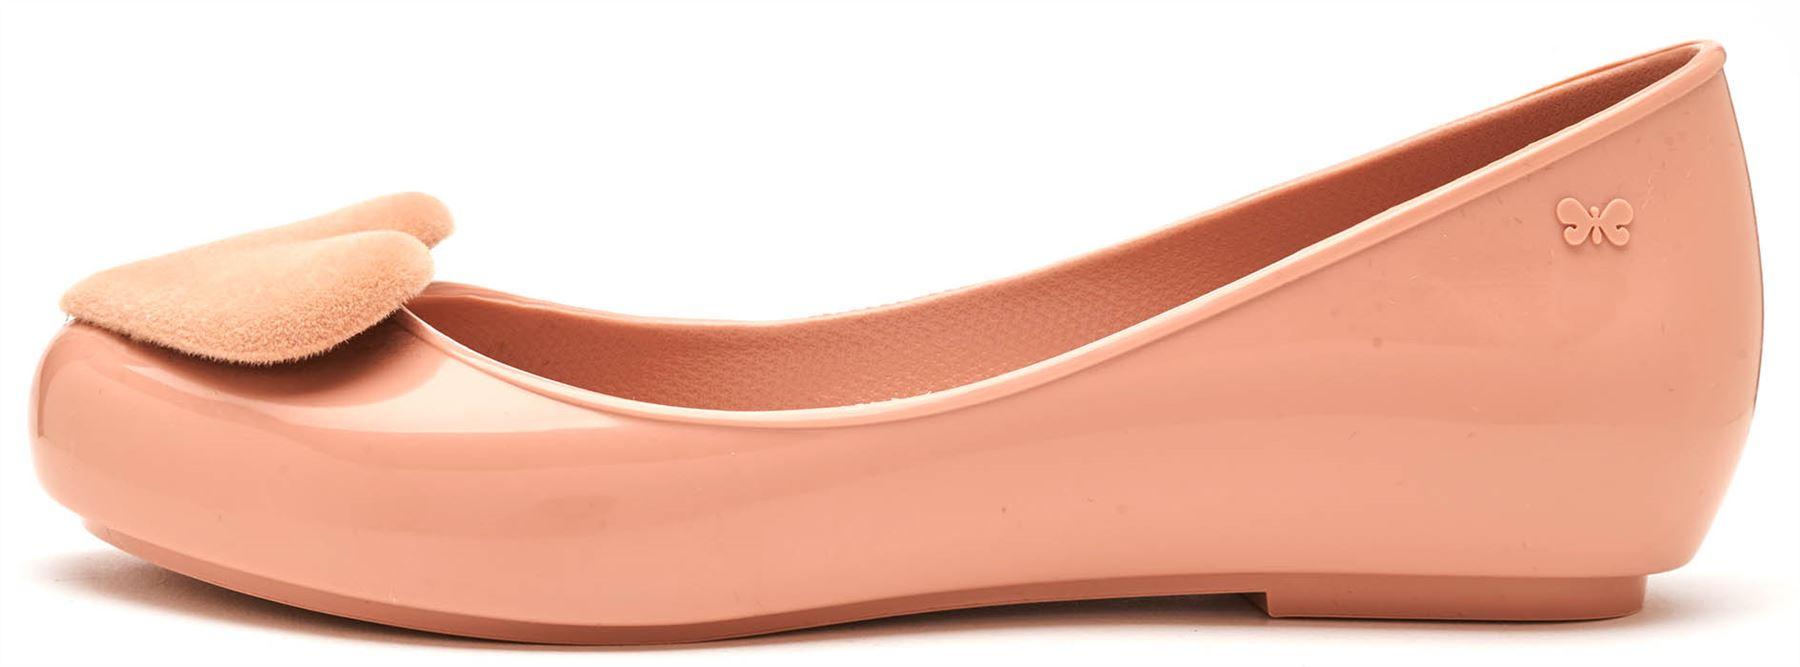 0954f8c50a50 Zaxy Pop Heart Flock Ballerina Slip On Flat Jelly Shoes in Black ...